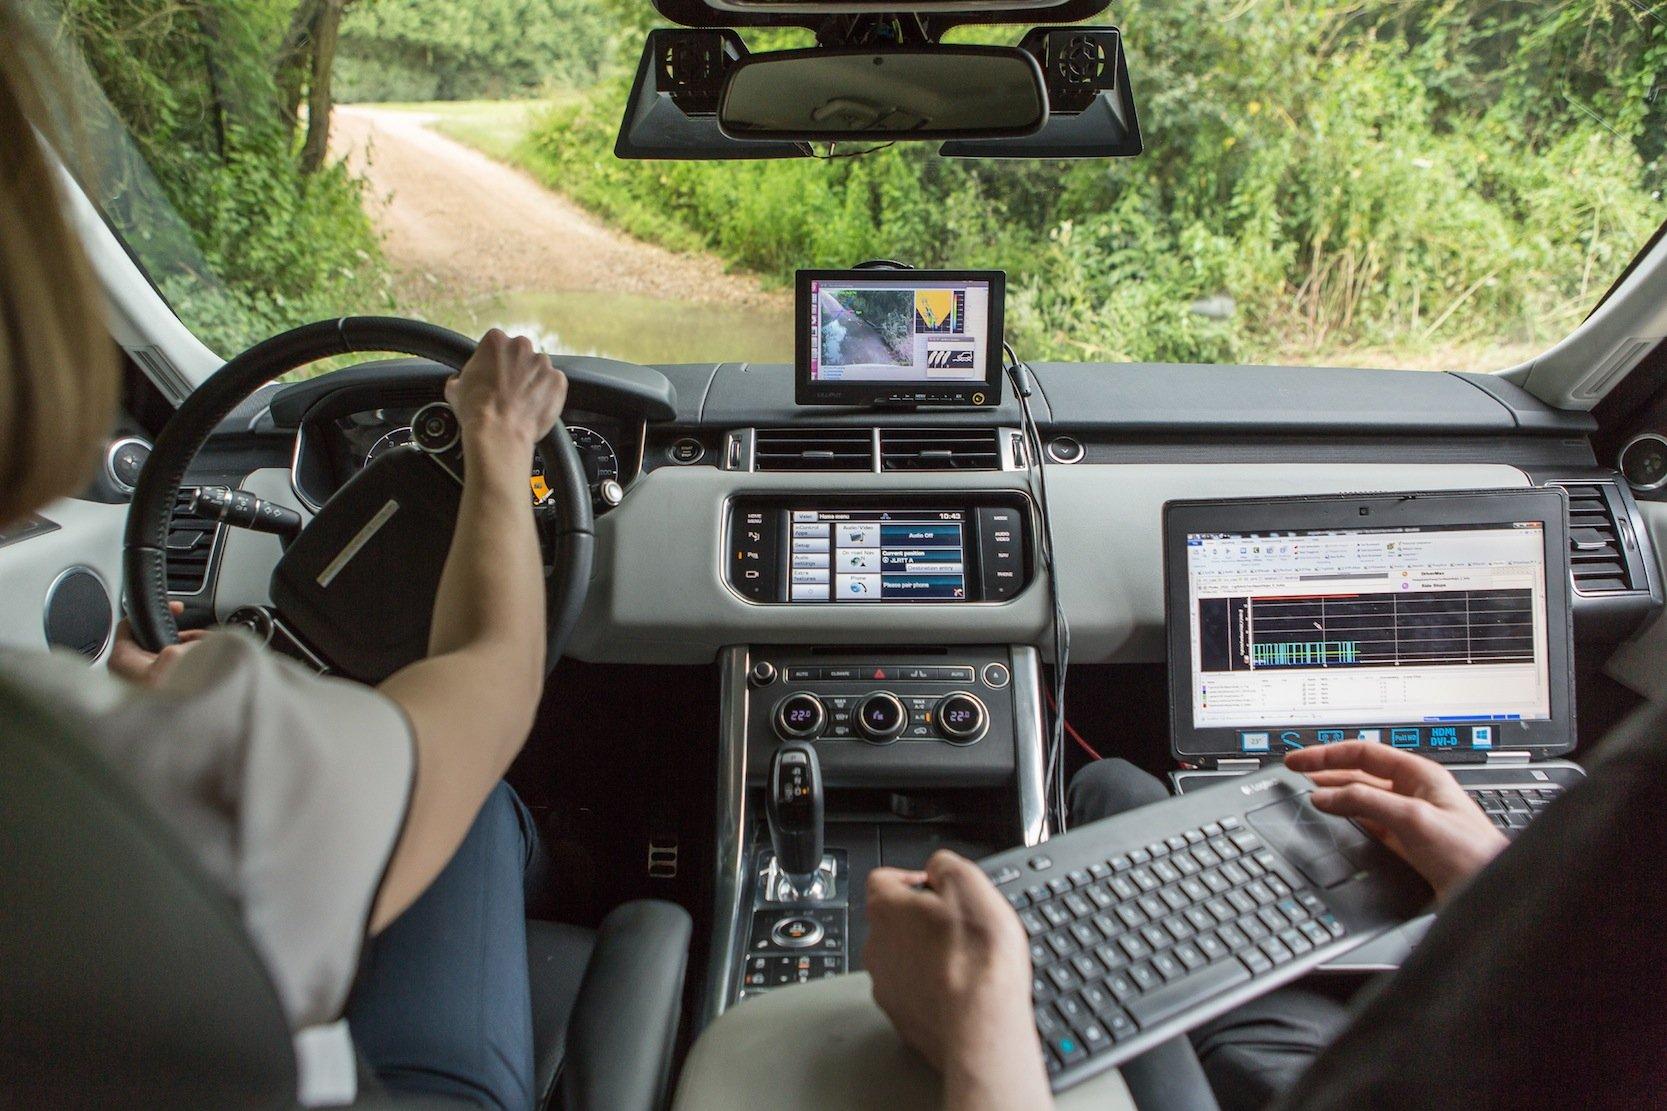 In ihrem Prototypen nutzen die Ingenieure die übliche Stereokamera nicht für die Erkennung von Fahrspur und Verkehrszeichen. Vielmehr scannen und vermessen sie damit den gesamten Fahrkorridor.